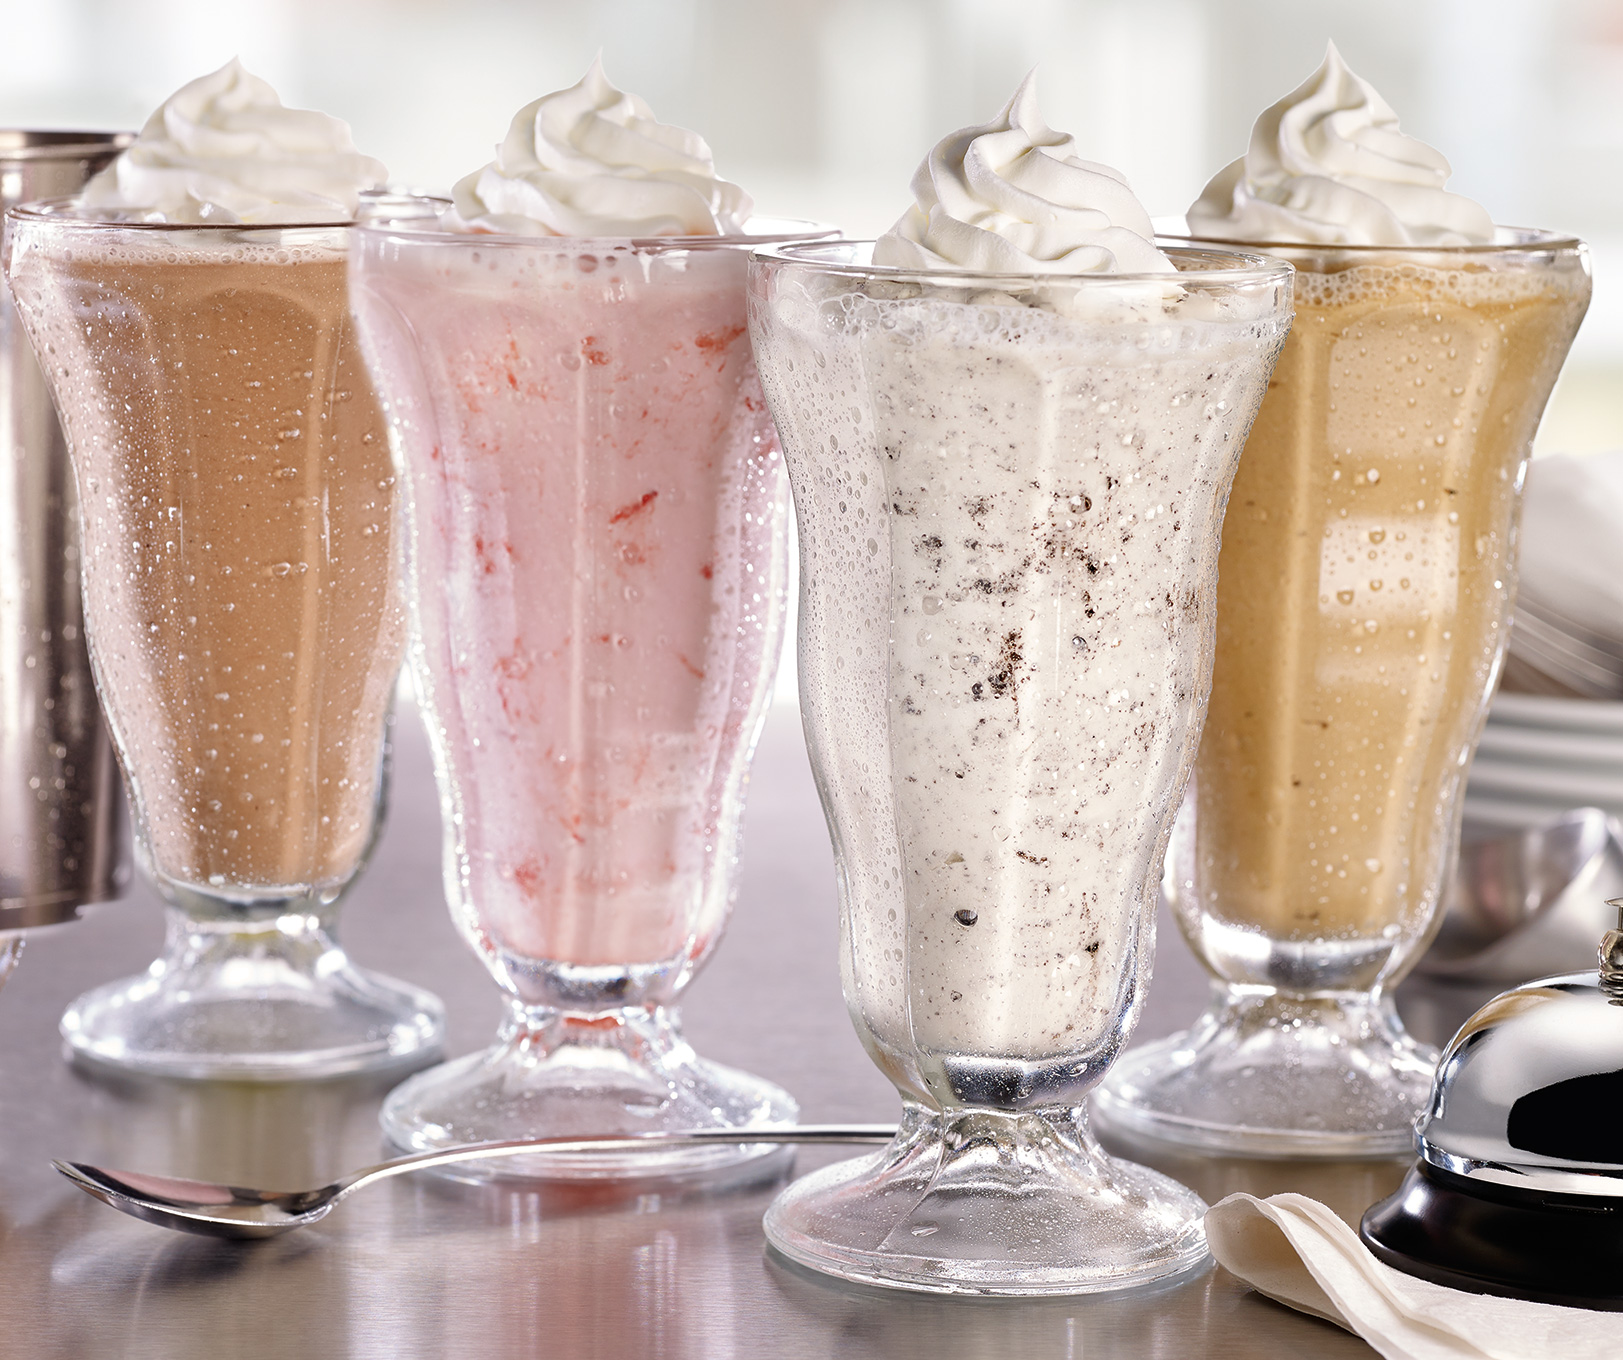 dennys-_-must-have-milkshakes